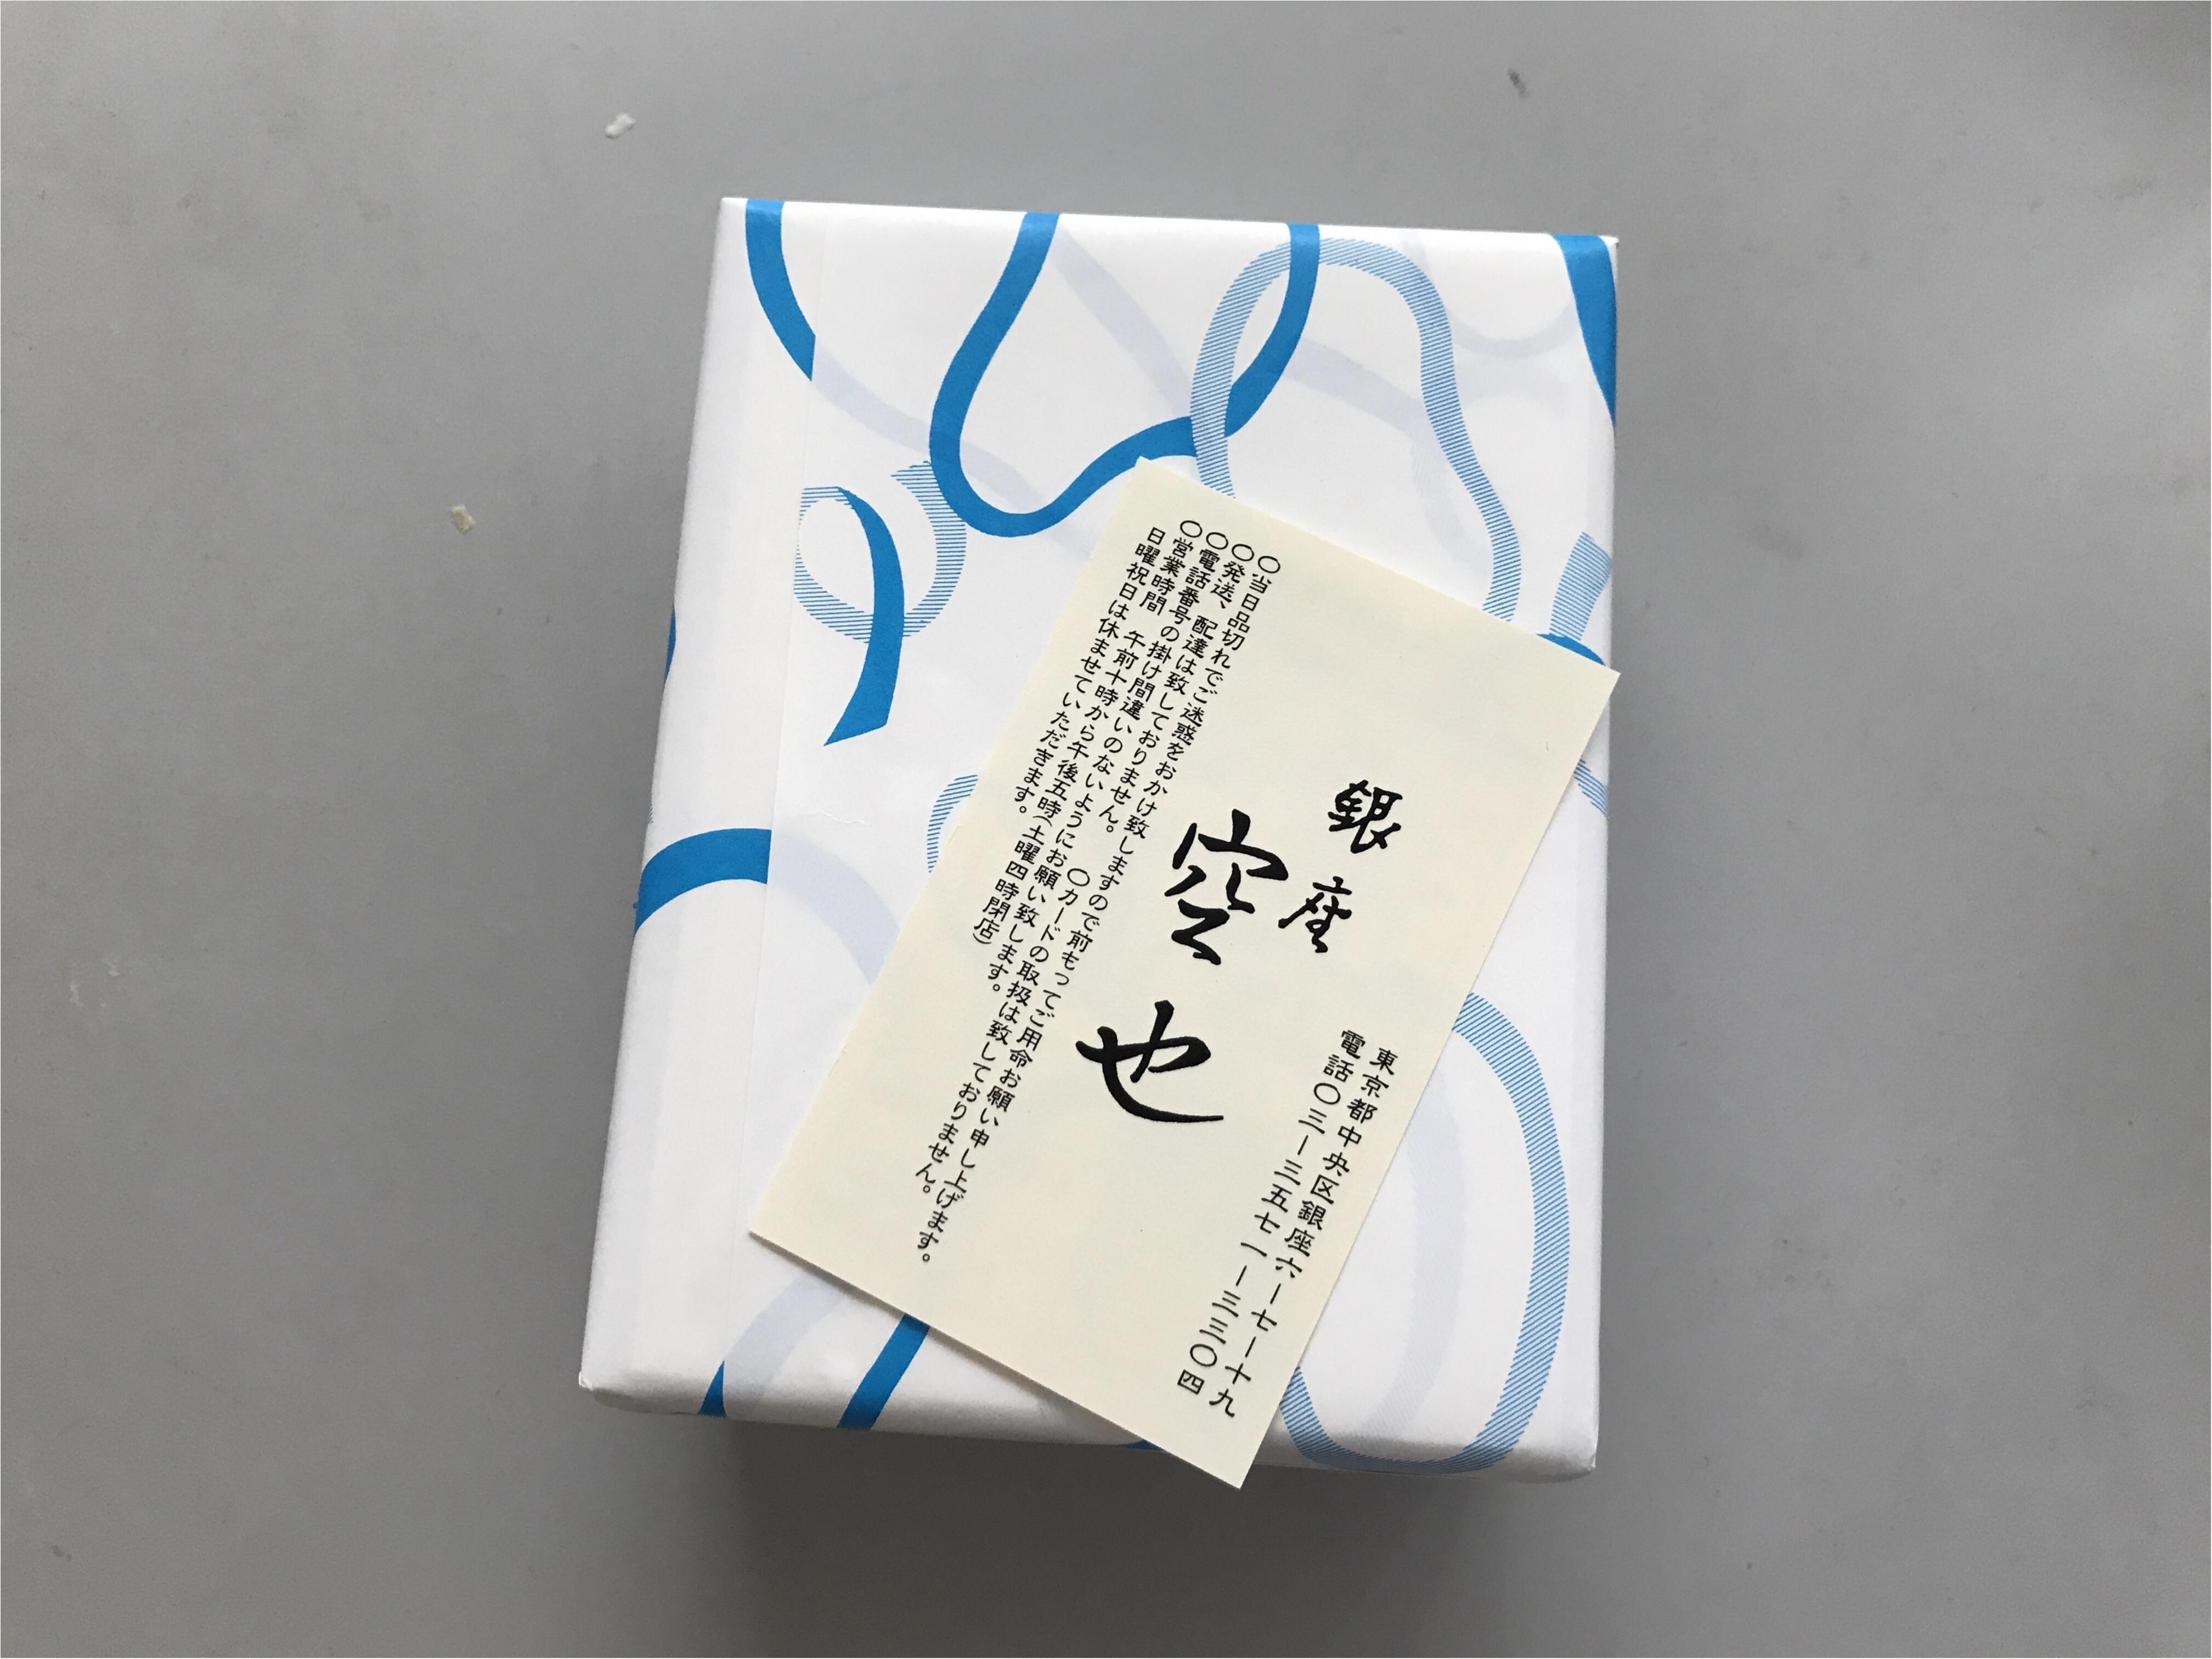 お盆休みなどの帰省におすすめの手土産特集 - 東京駅で人気のお土産ランキングやご当地土産まとめ_86